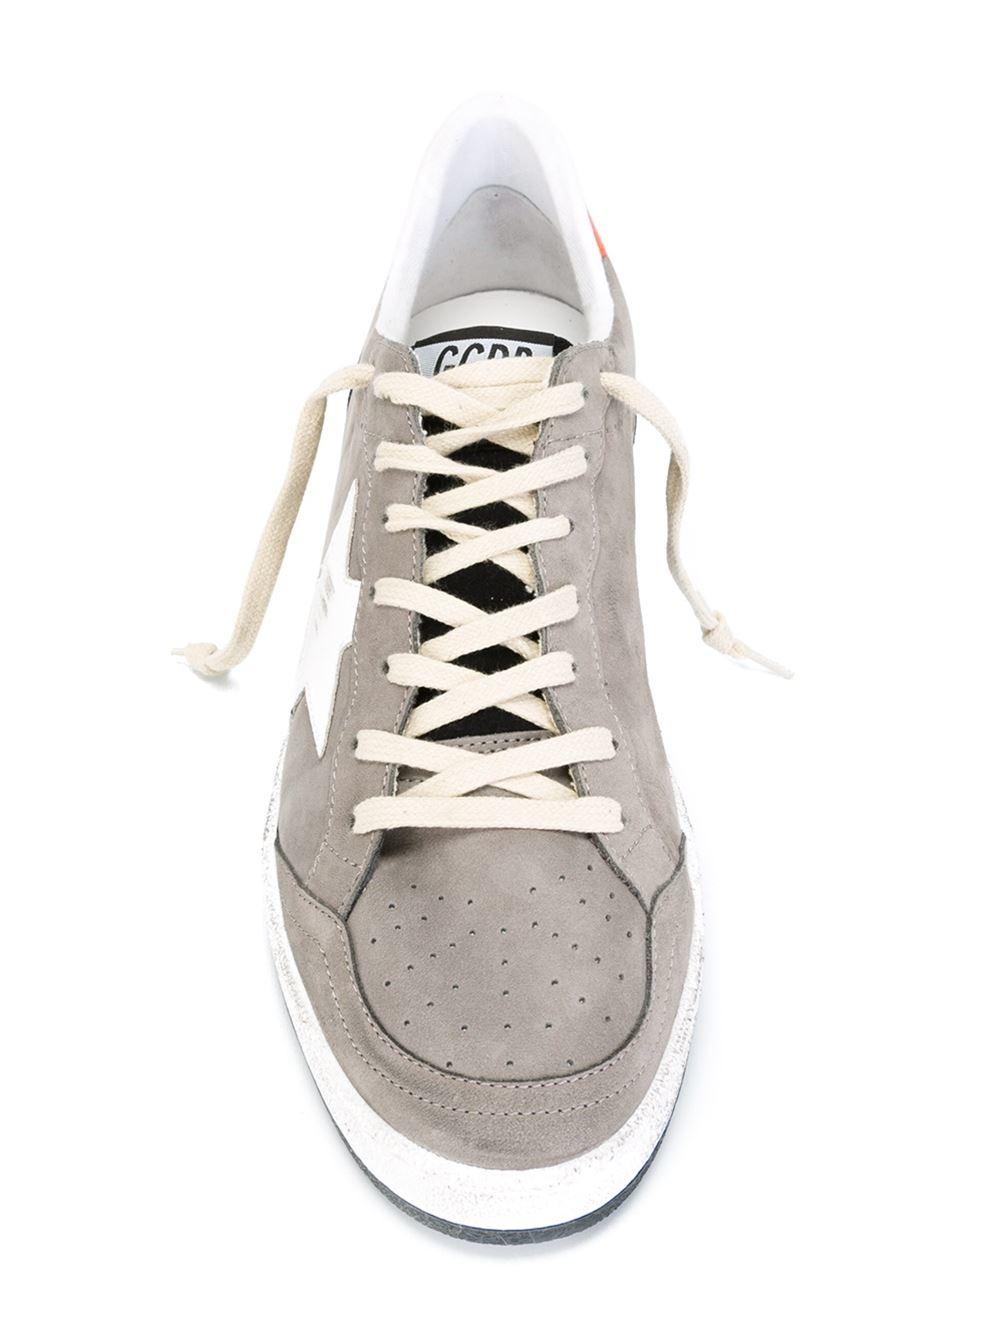 Vente Profiter Golden Goose Deluxe BrandBall Star sneakers Vente Pas Cher Le Meilleur Parfait Pas Cher En Ligne G1h2NoNJM